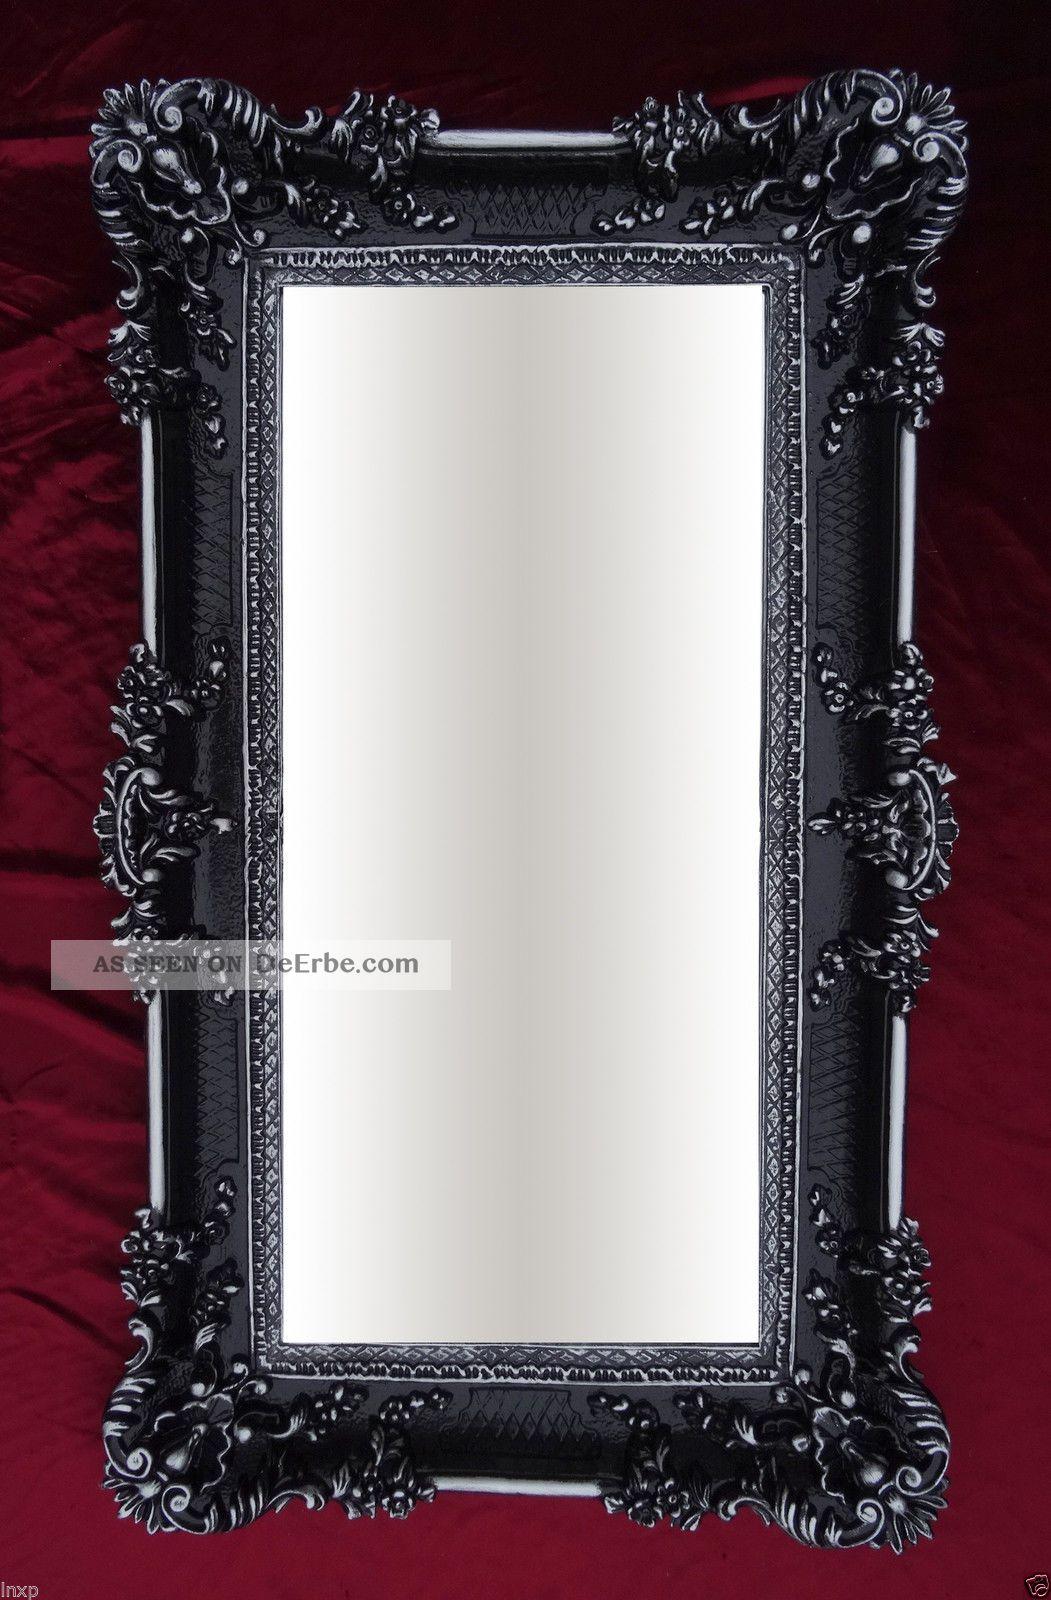 xxl renaissance wandspiegel schwarz silber barock wanddeko repro spiegel 96x57 2. Black Bedroom Furniture Sets. Home Design Ideas